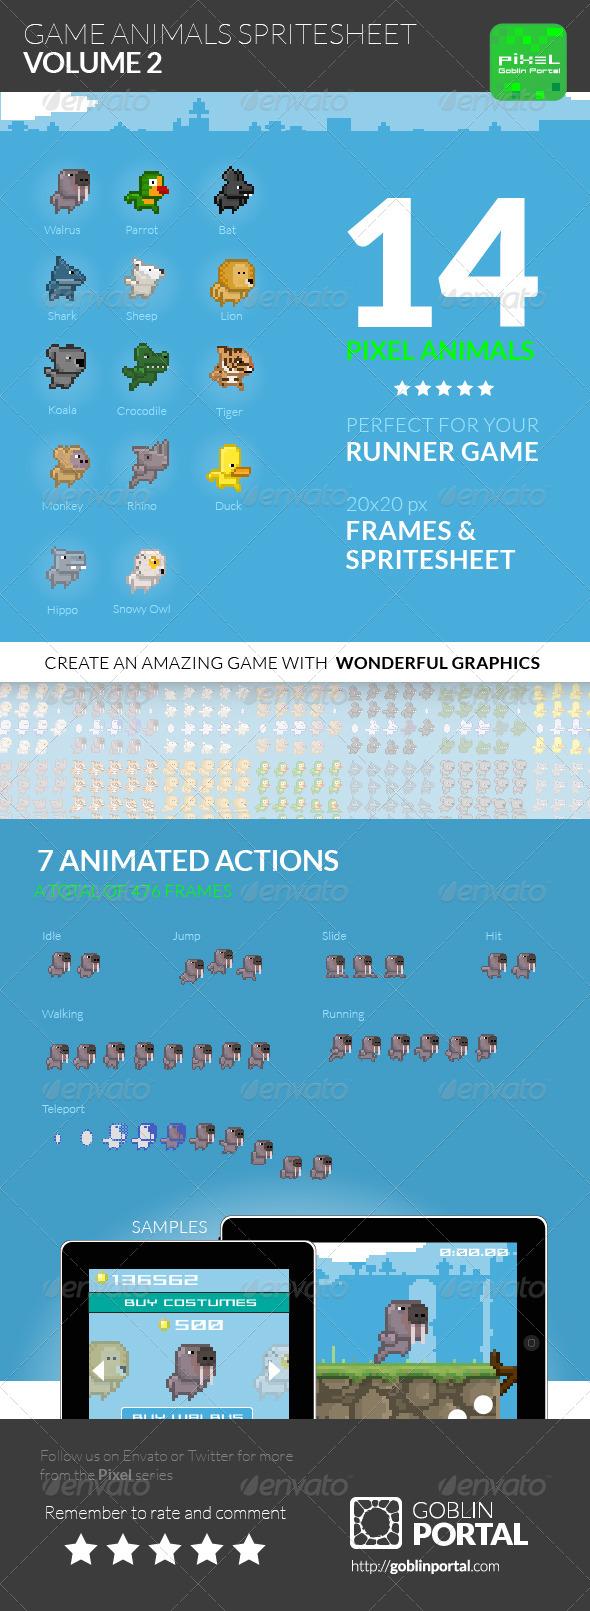 Game Animals Sprite Sheet Volume 2